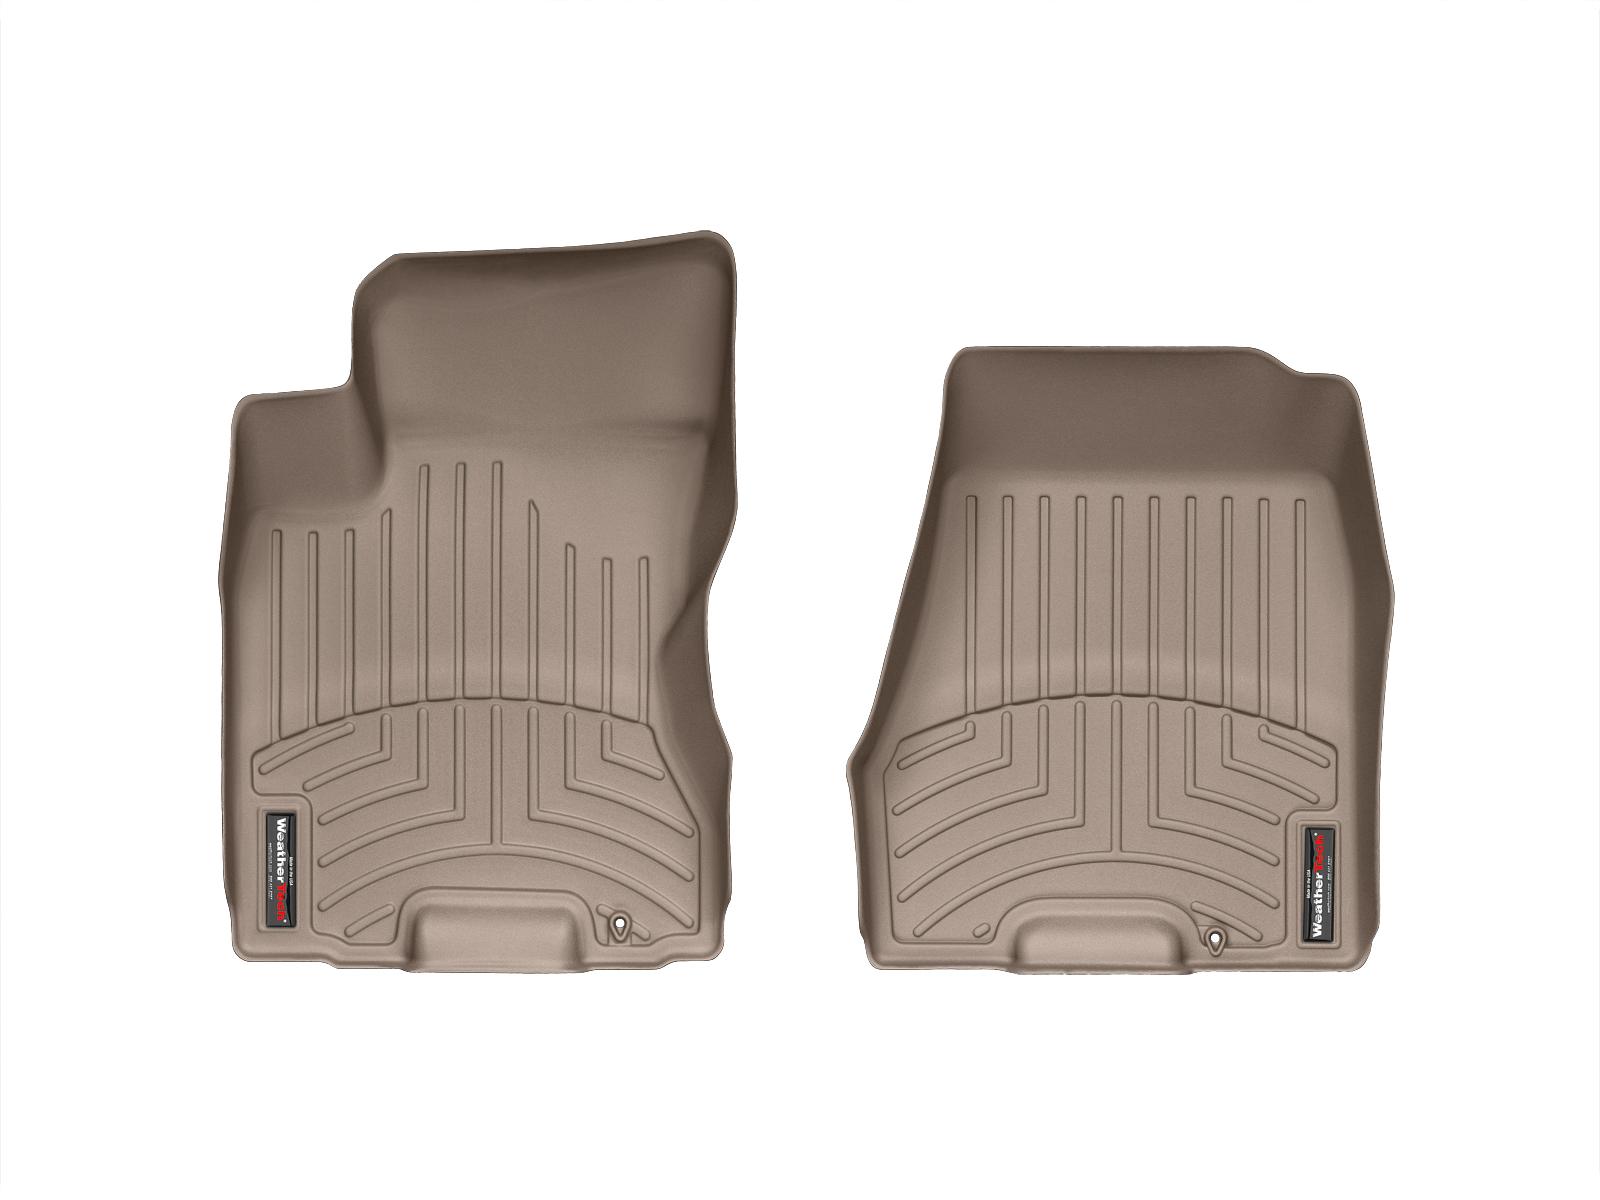 Tappeti gomma su misura bordo alto Nissan X-Trail 08>13 Marrone A2927